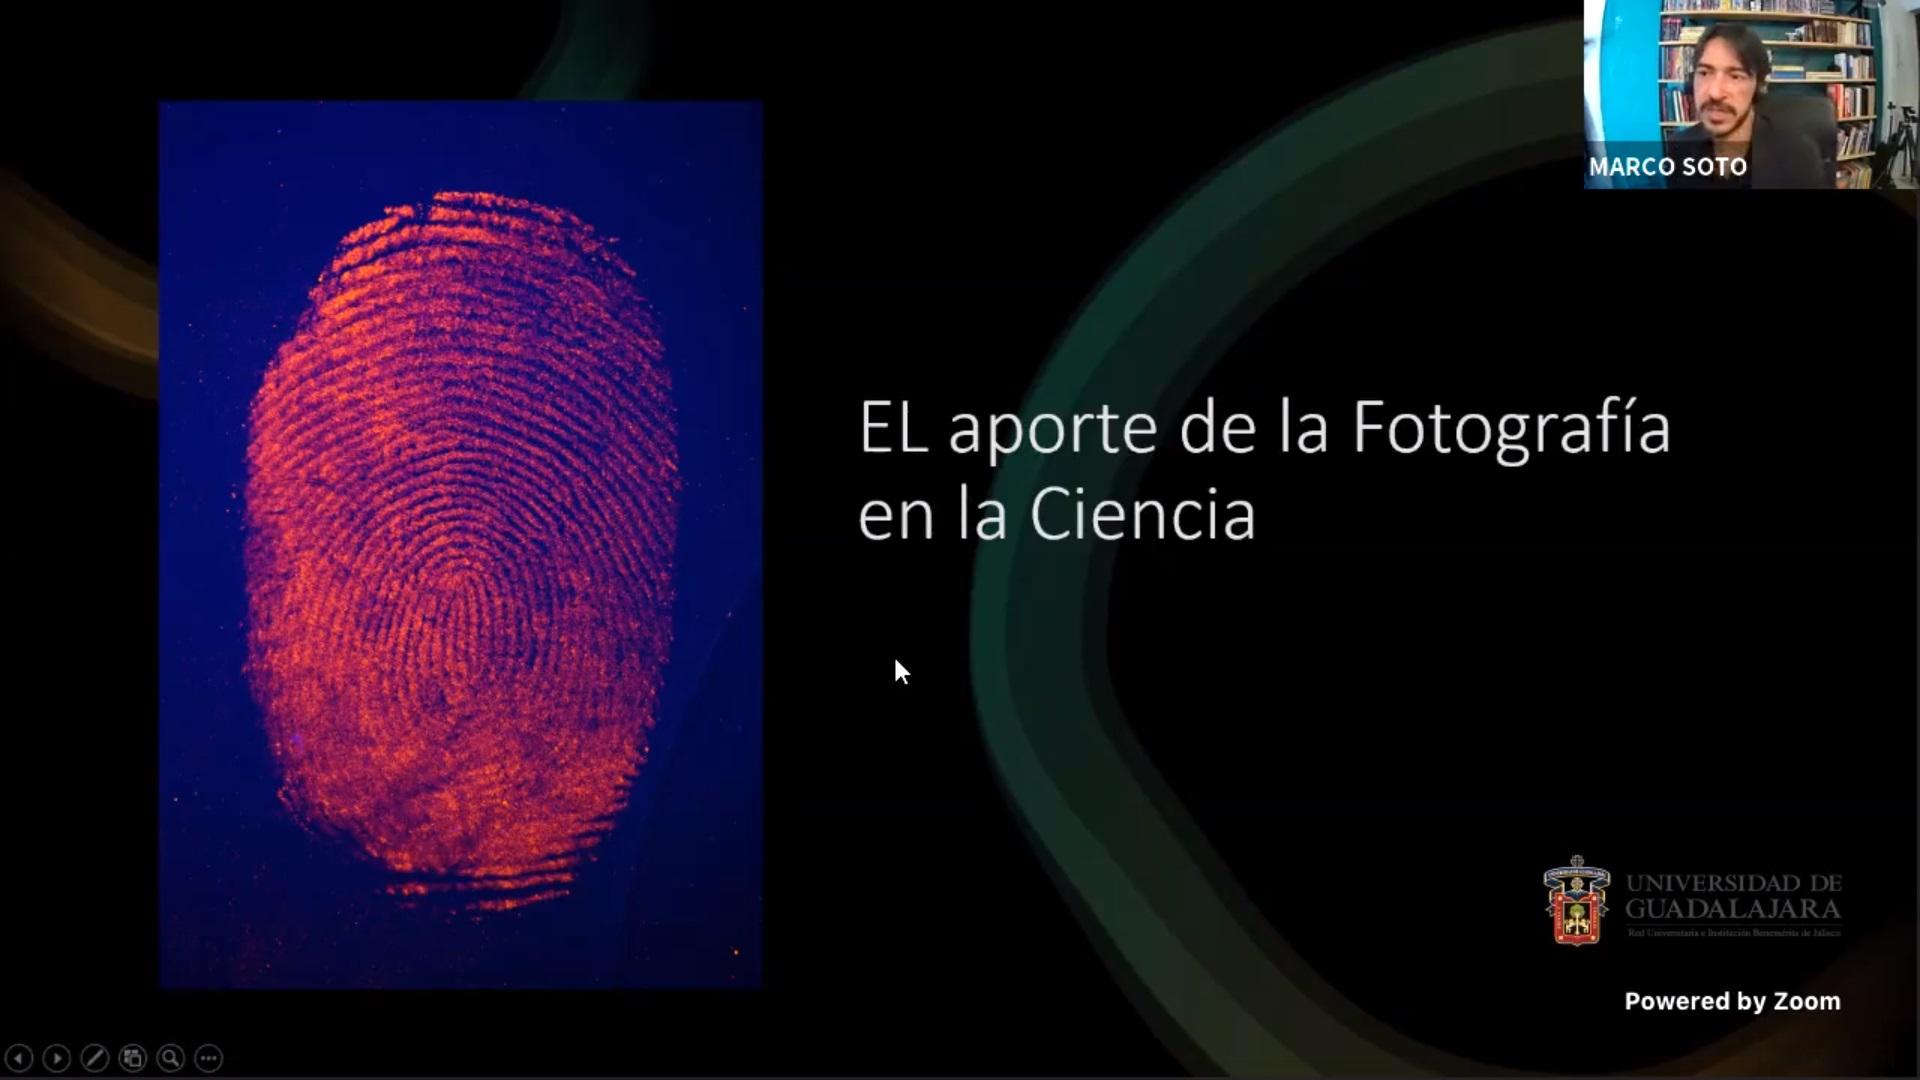 """Invitan al Diplomado en Fotografía Científica del CUTonalá, durante programa """"Charlemos de ciencia y tecnología"""" que organiza el CUCEI"""